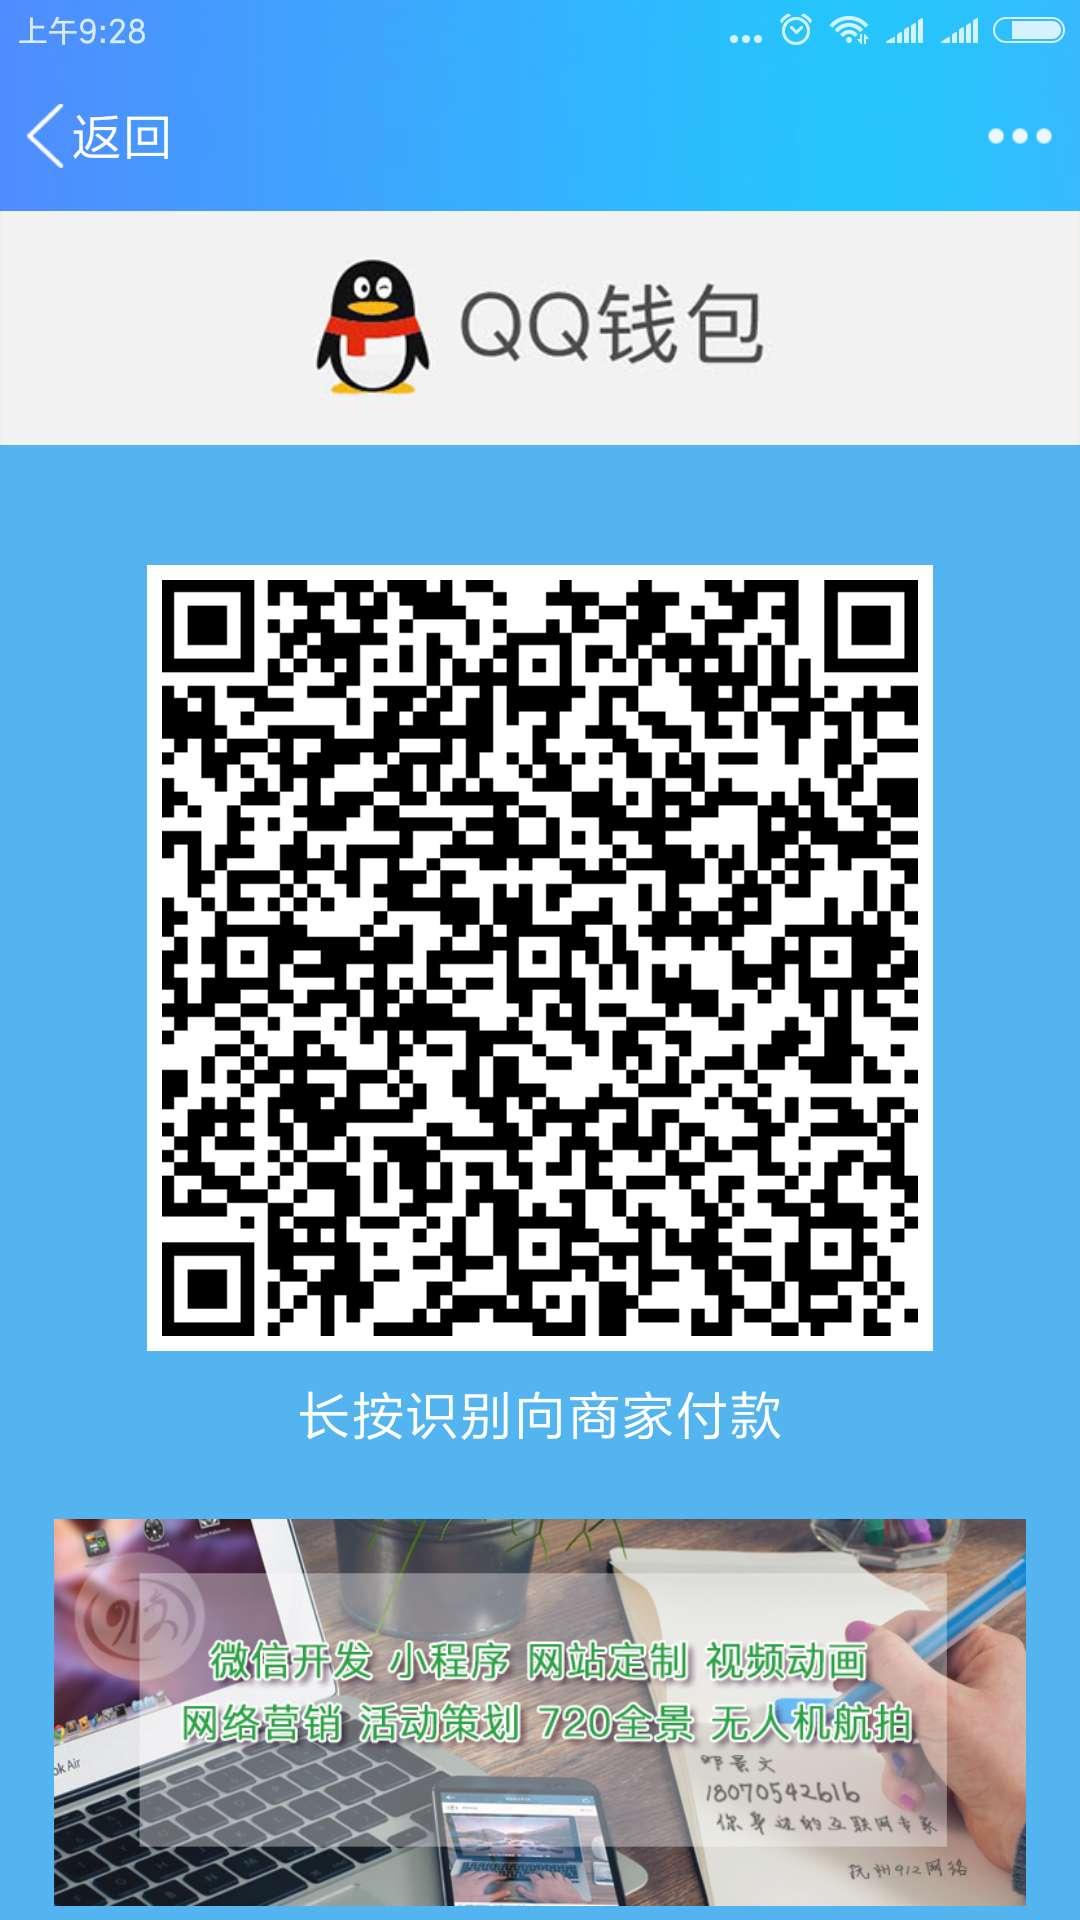 UVT45bBLOQL775nq7Q57x4LzvOLlXo.jpg